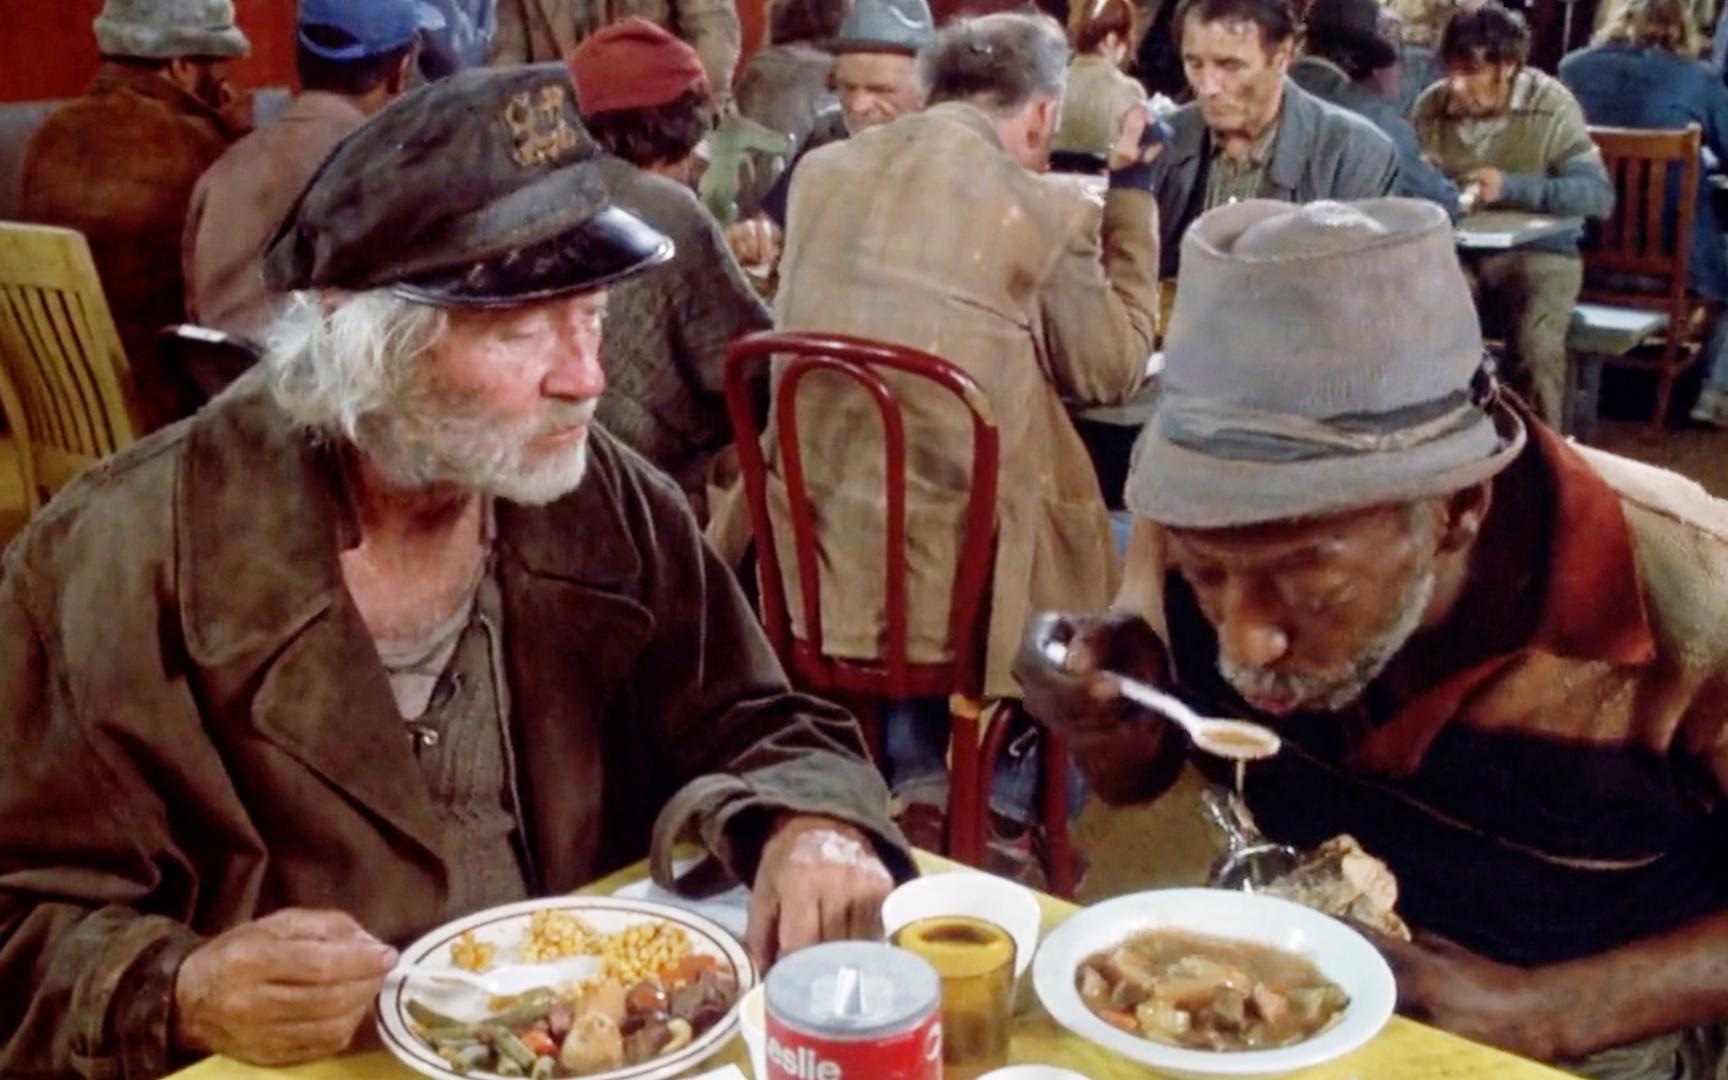 两位富翁打赌,在贫民区假扮成乞丐一个月,能活下来的就会赢20亿